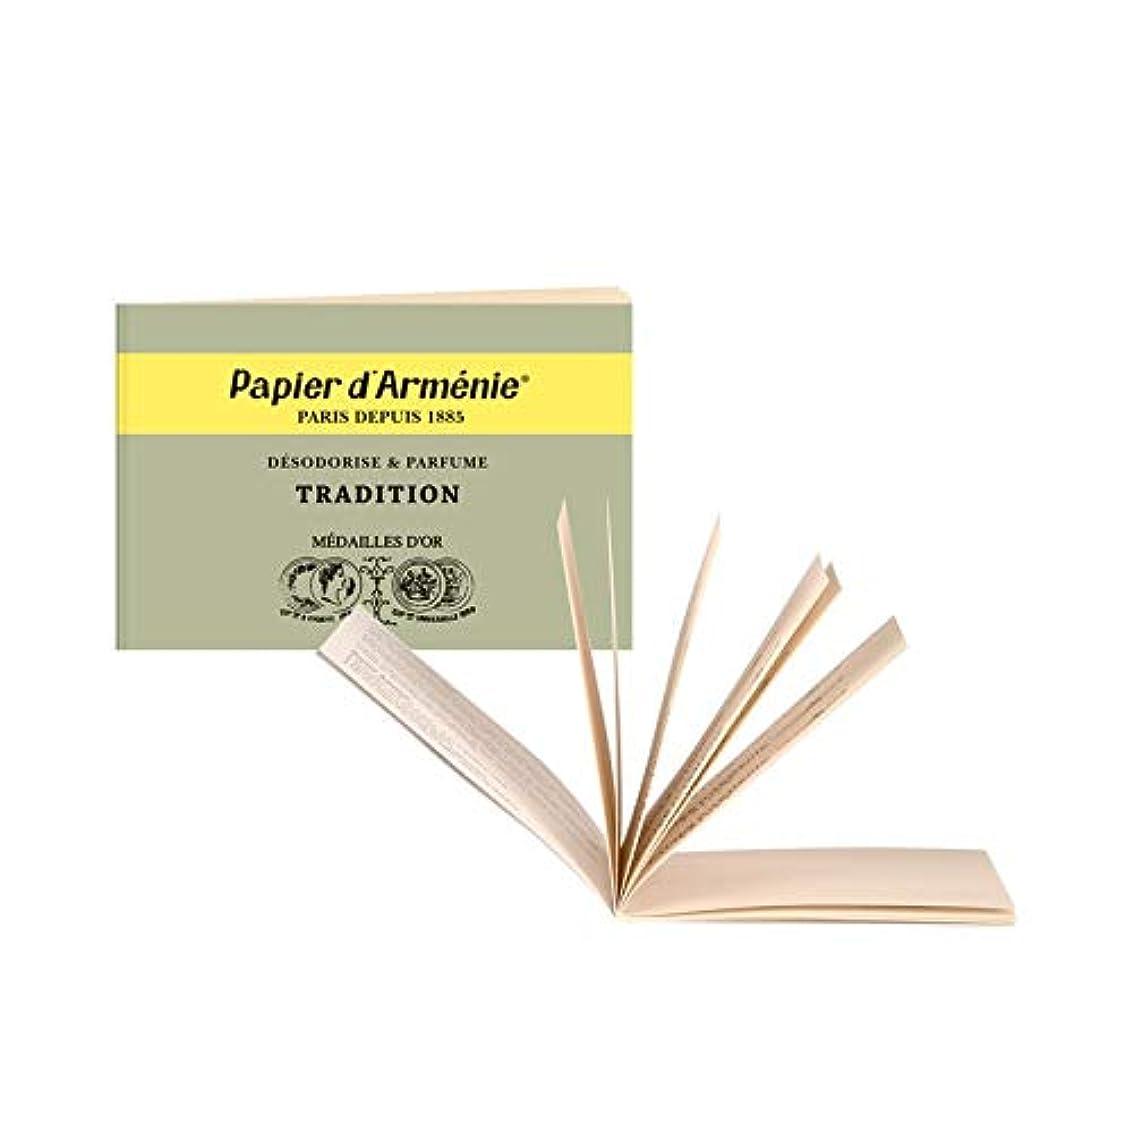 警告確かめる銀Papier d'Arménie パピエダルメニイ トリプル 紙のお香 フランス直送 [並行輸入品]